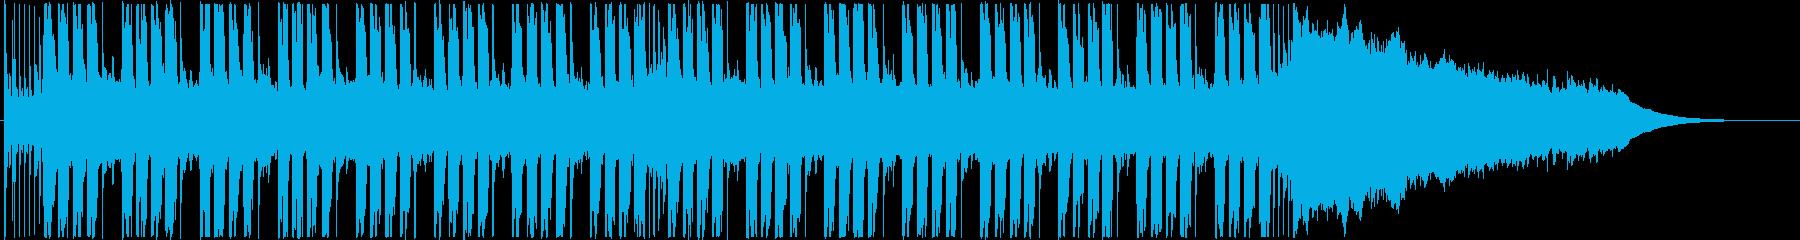 ミドルテンポの爽やかなロックの再生済みの波形